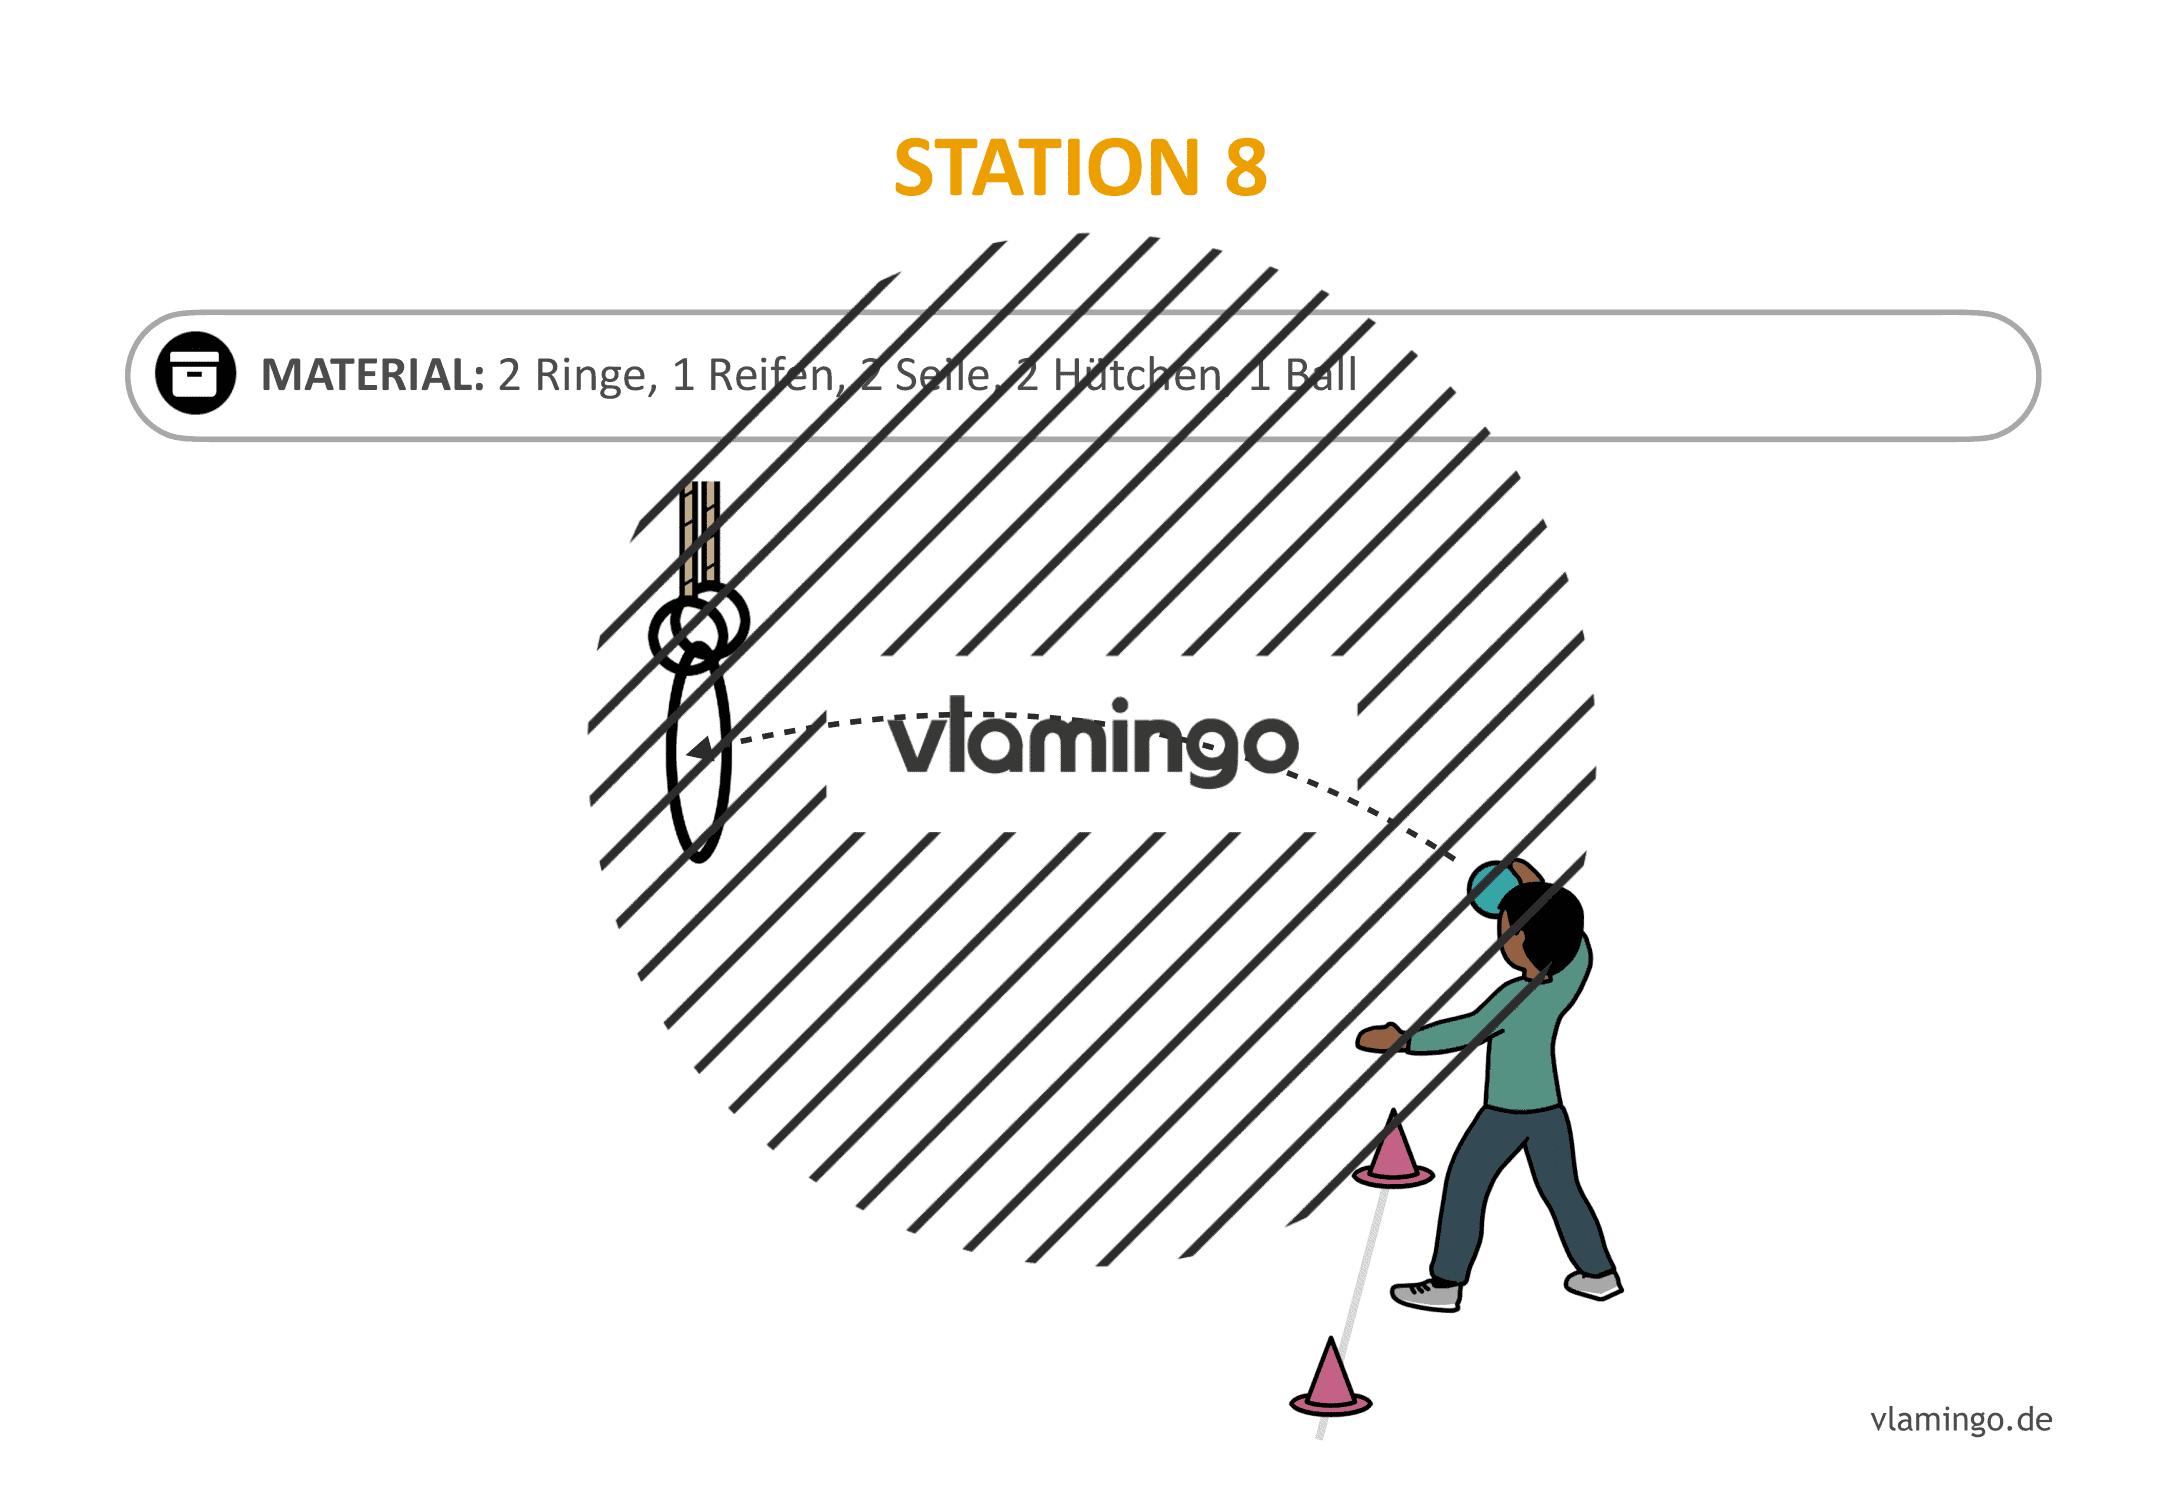 Handballgolf - Station-08